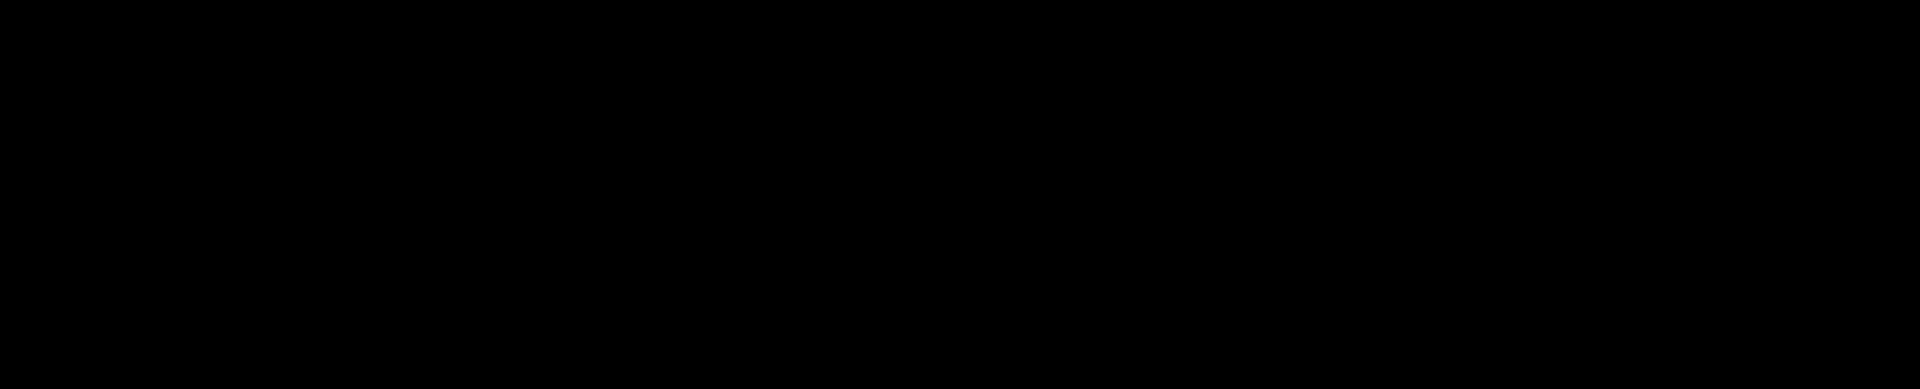 Logo for Rinette van der Wal